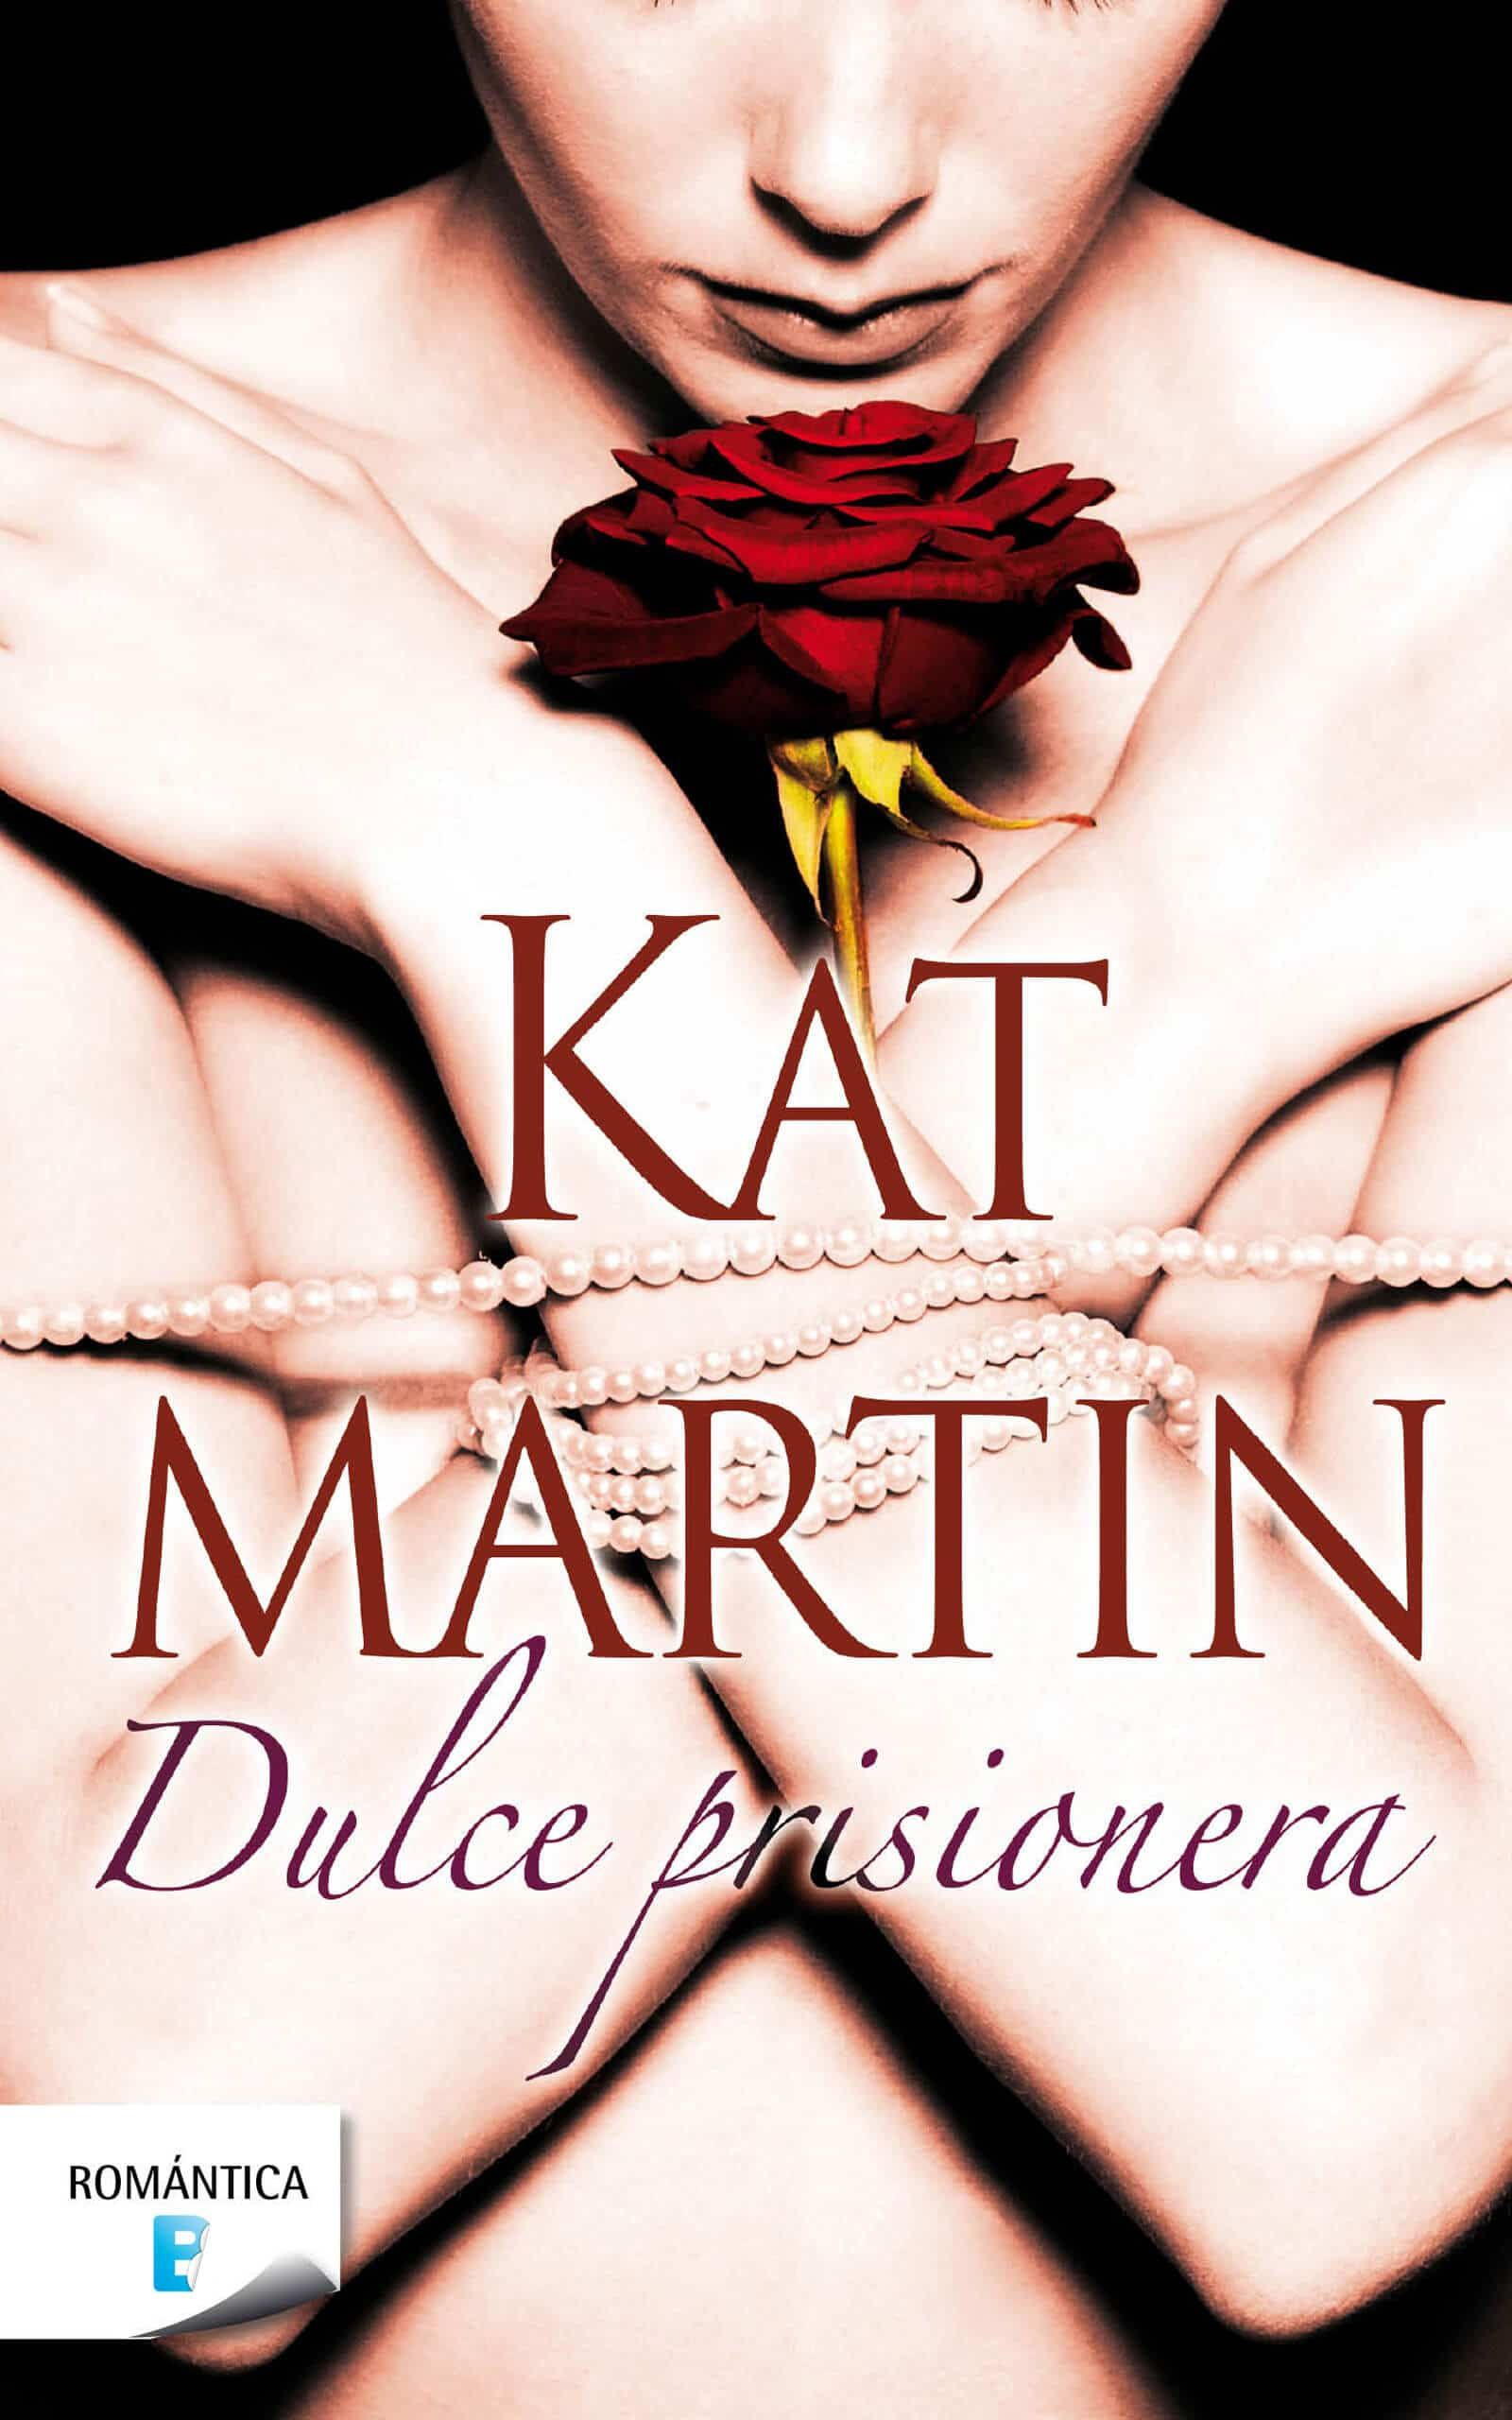 Descargar el libro Dulce Prisionera gratis (PDF - ePUB)